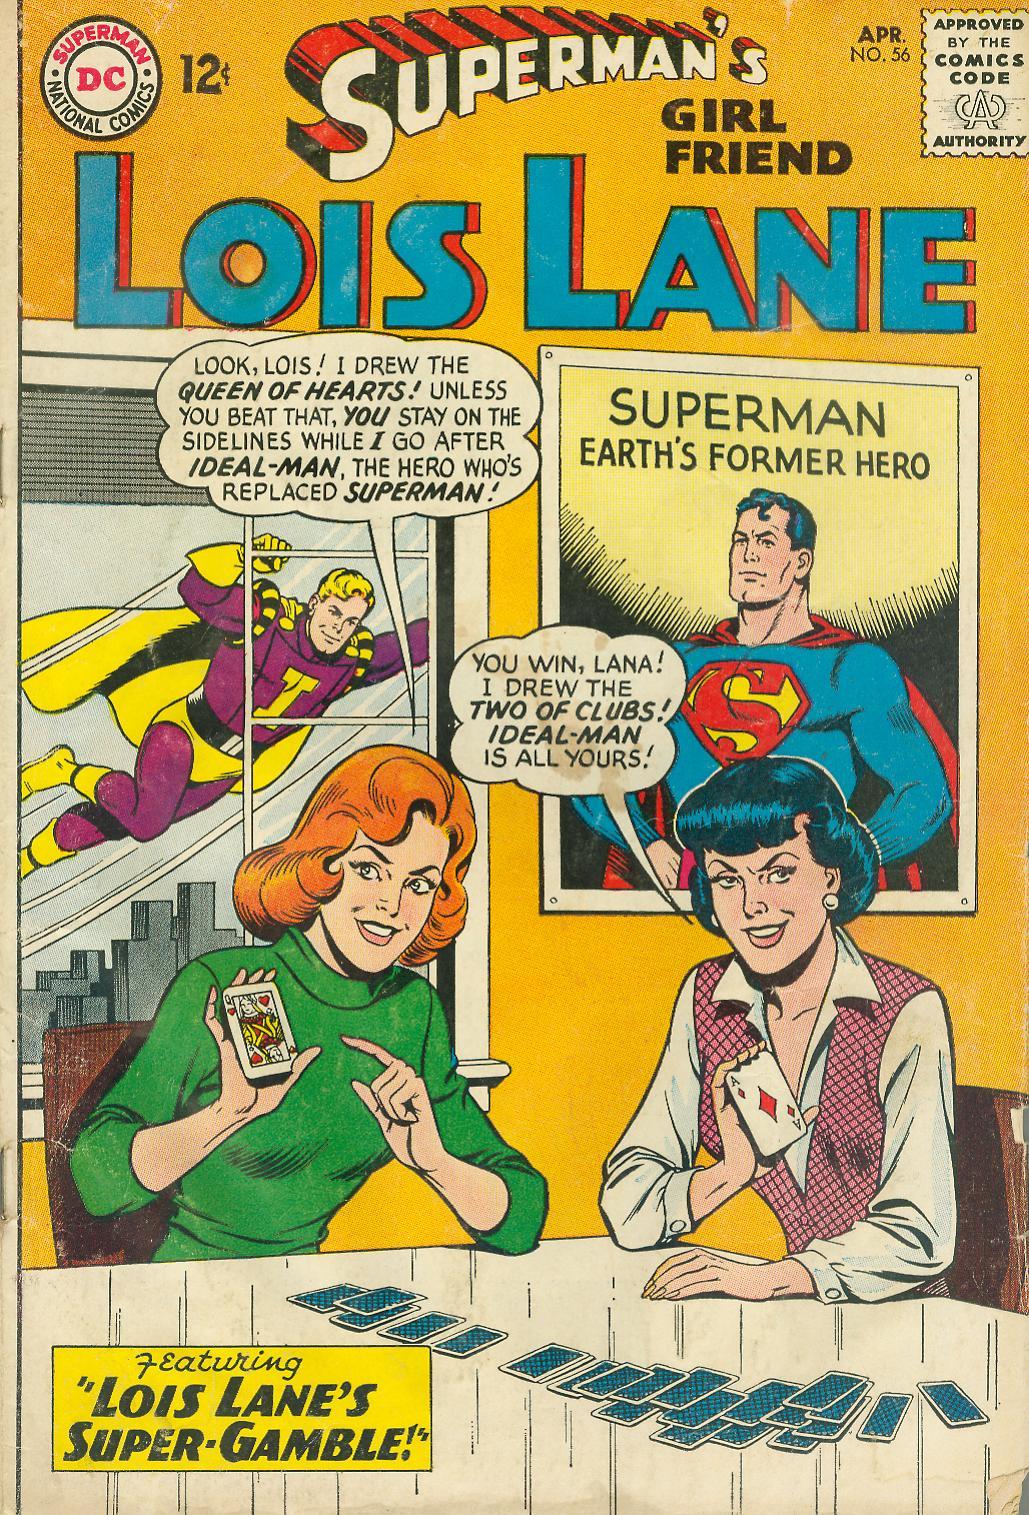 Supermans Girl Friend, Lois Lane 56 Page 1